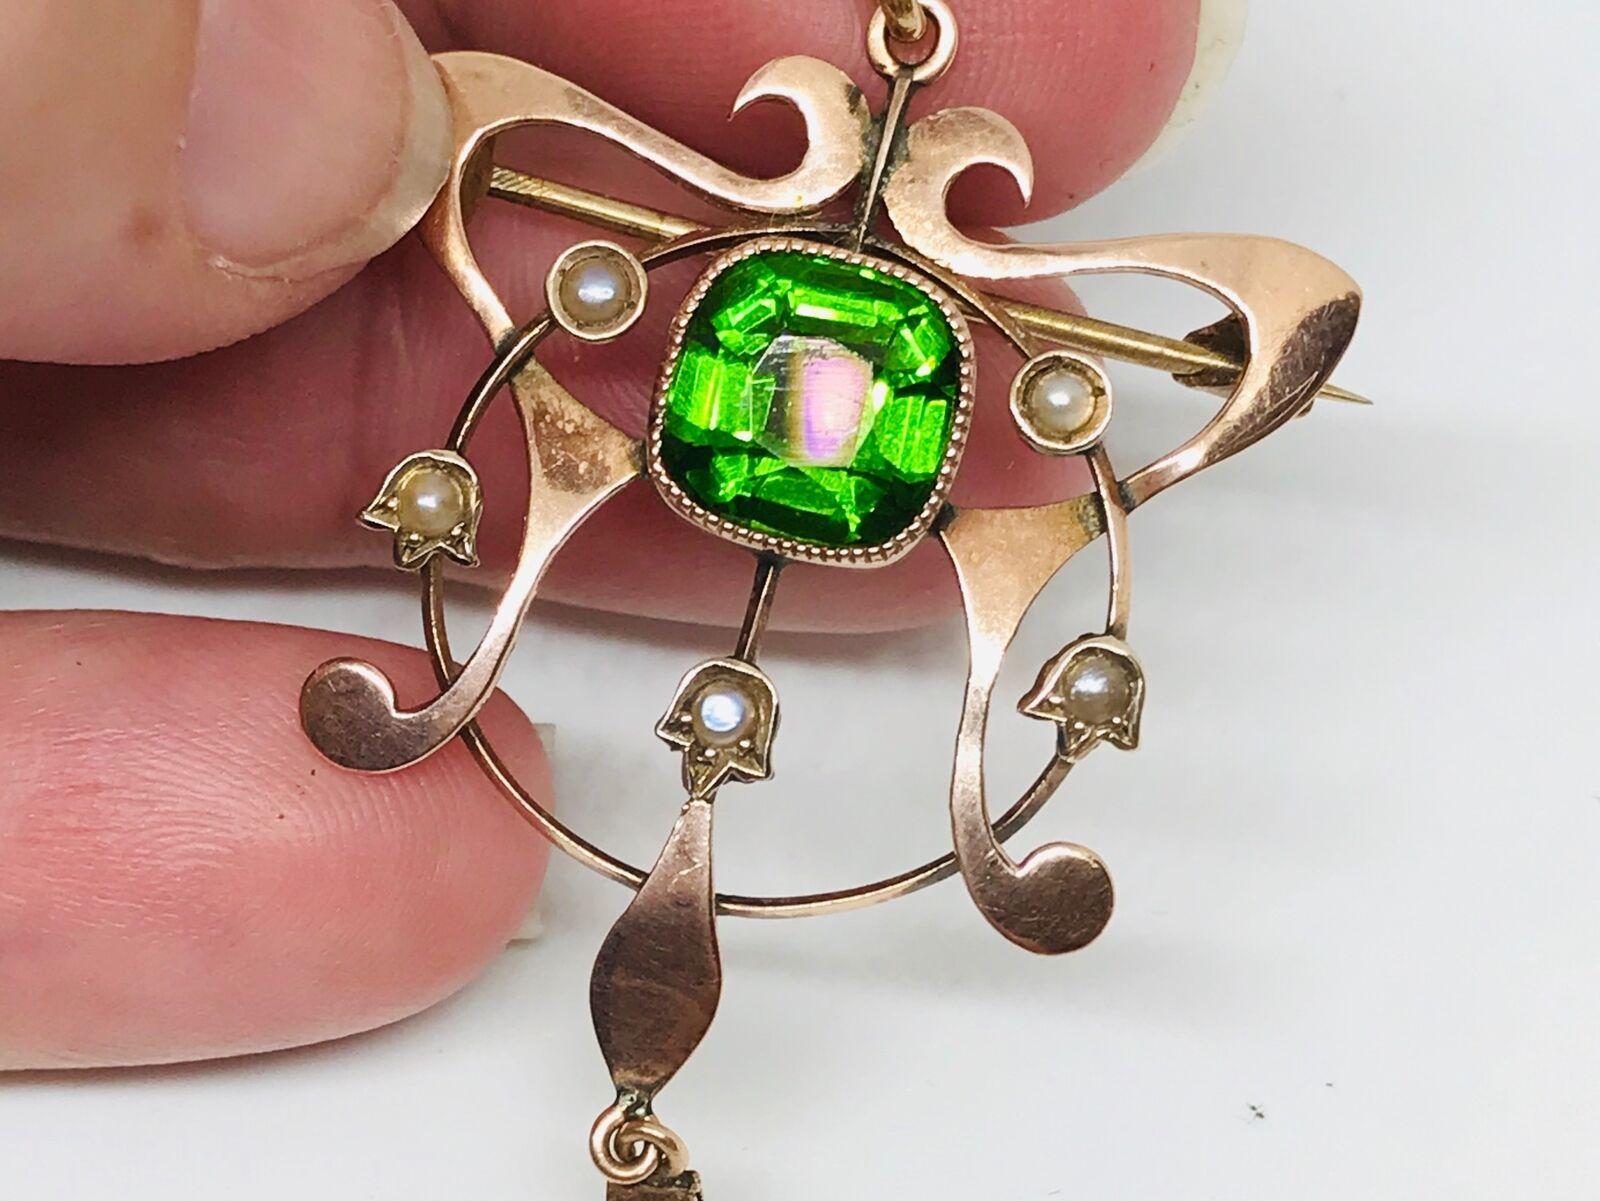 Vittoriano Ciondolo Spilla DOPPIETTO DOPPIETTO DOPPIETTO di verde Aqua e perle in oro 9ct c09896